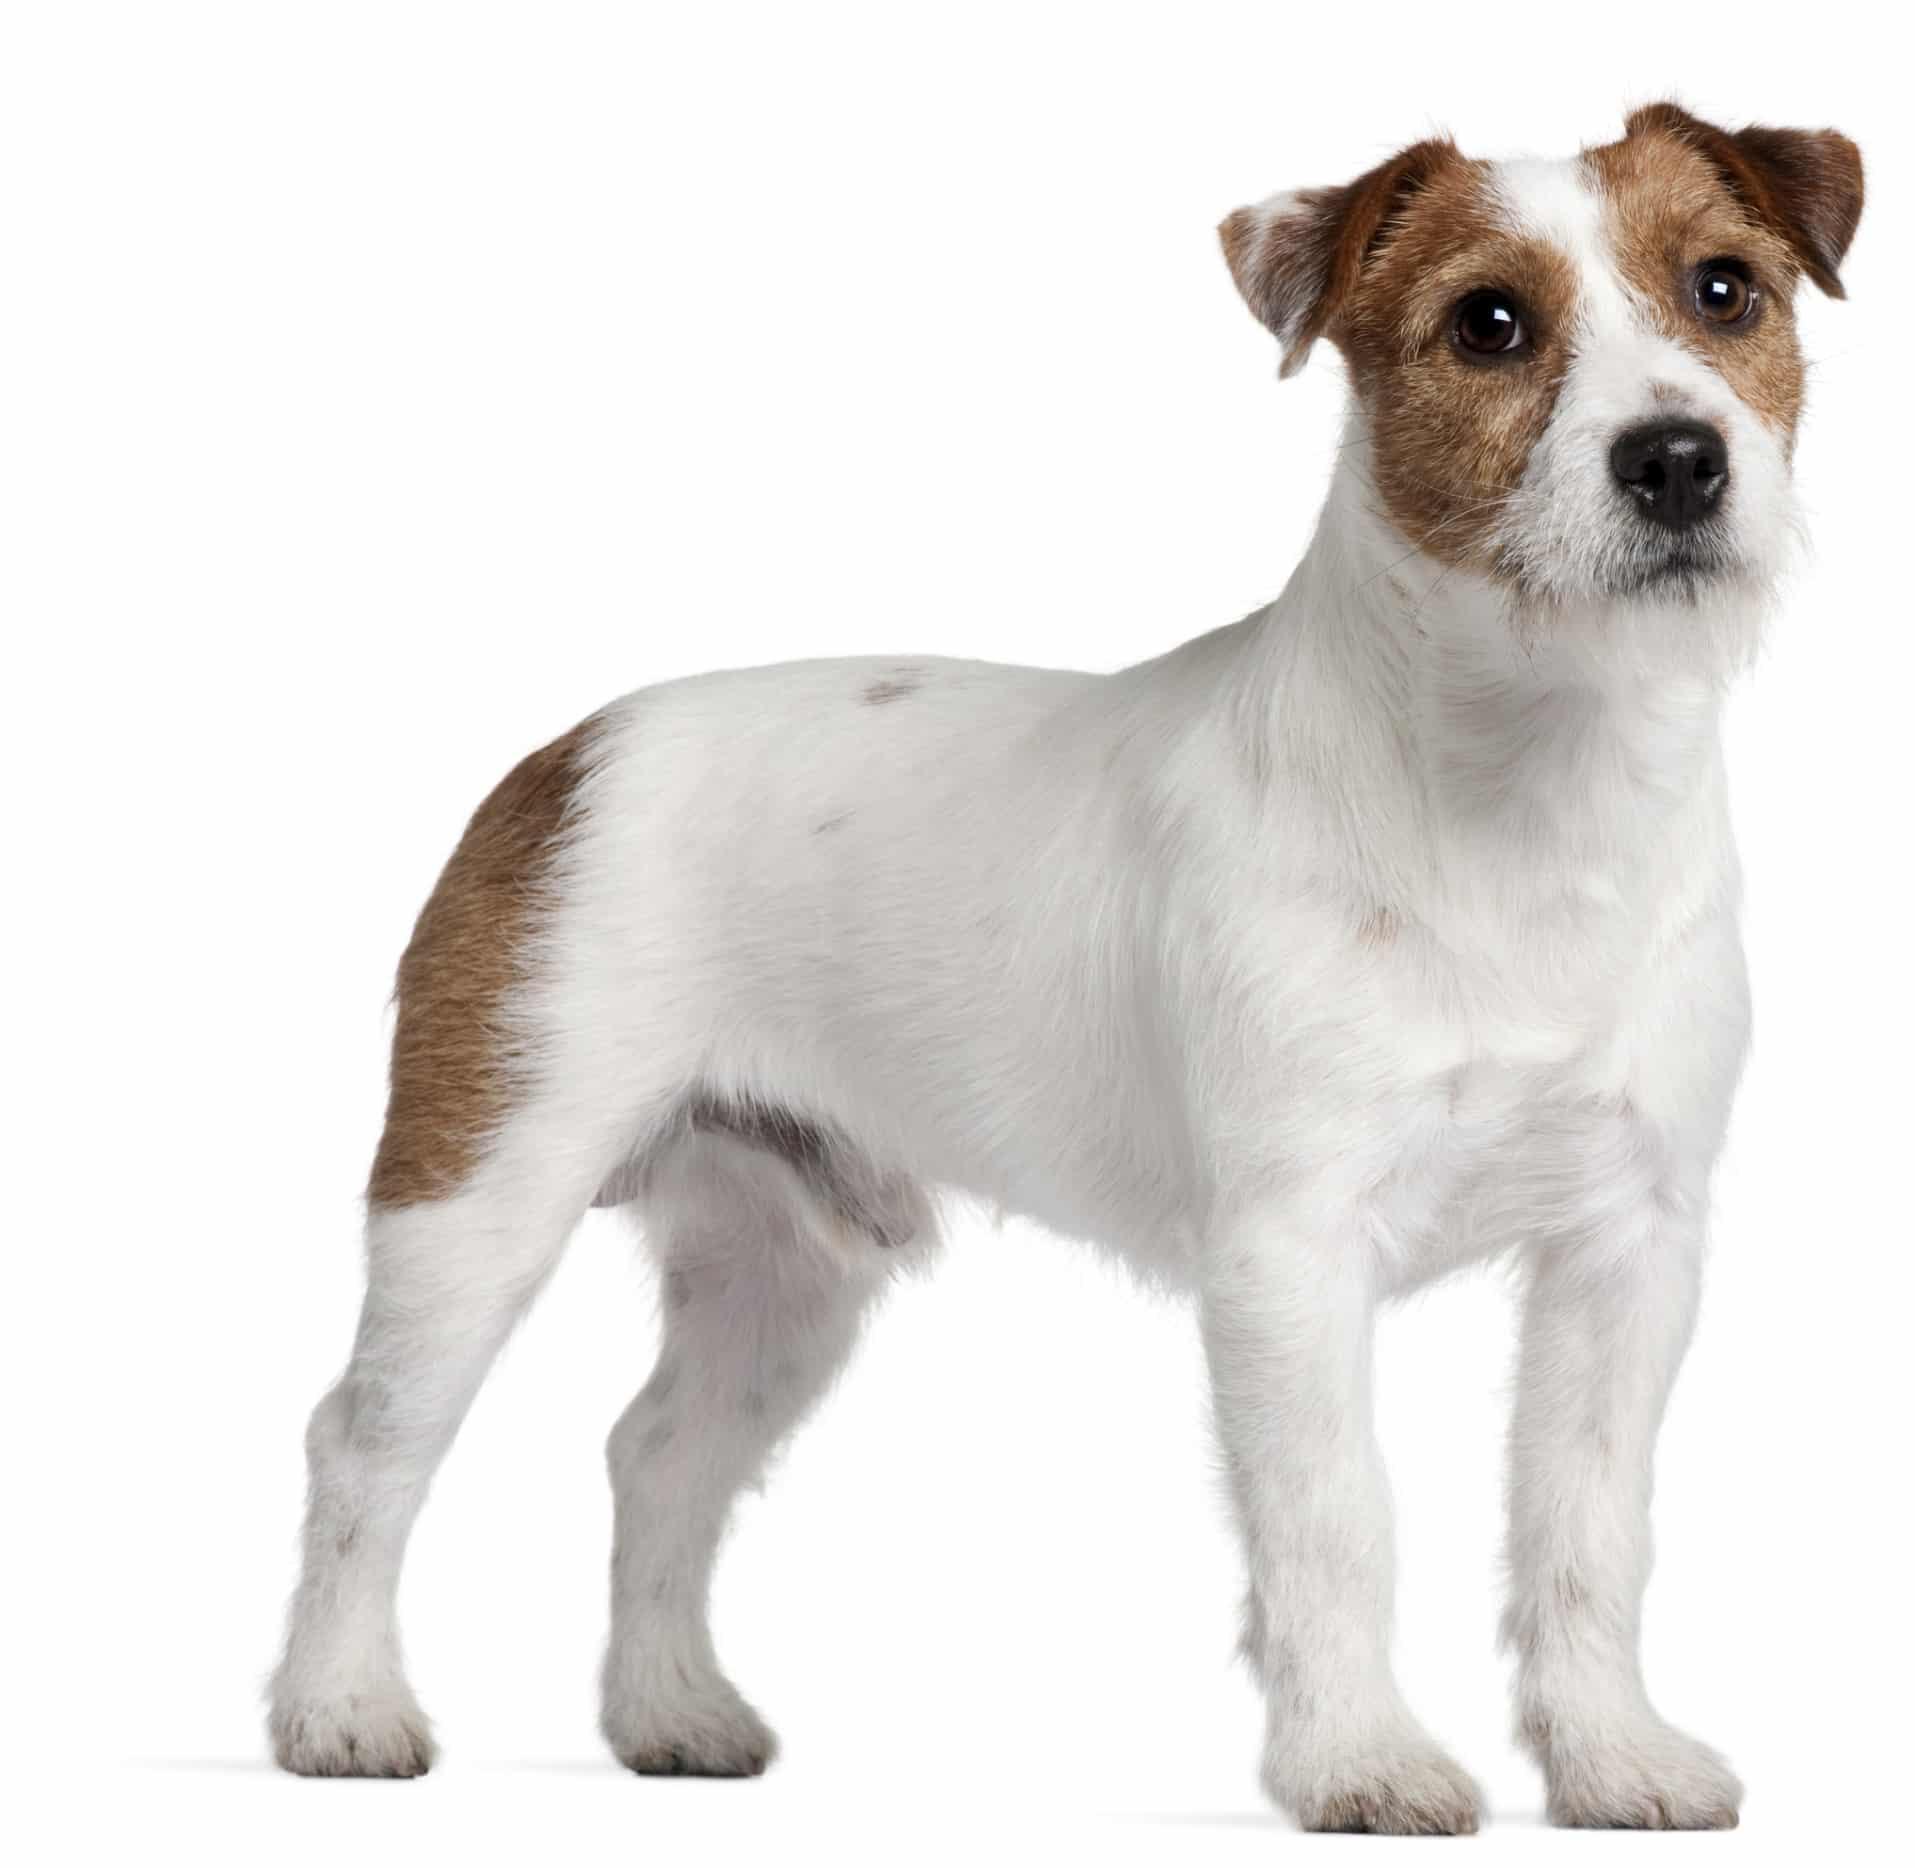 opdragelse af hund